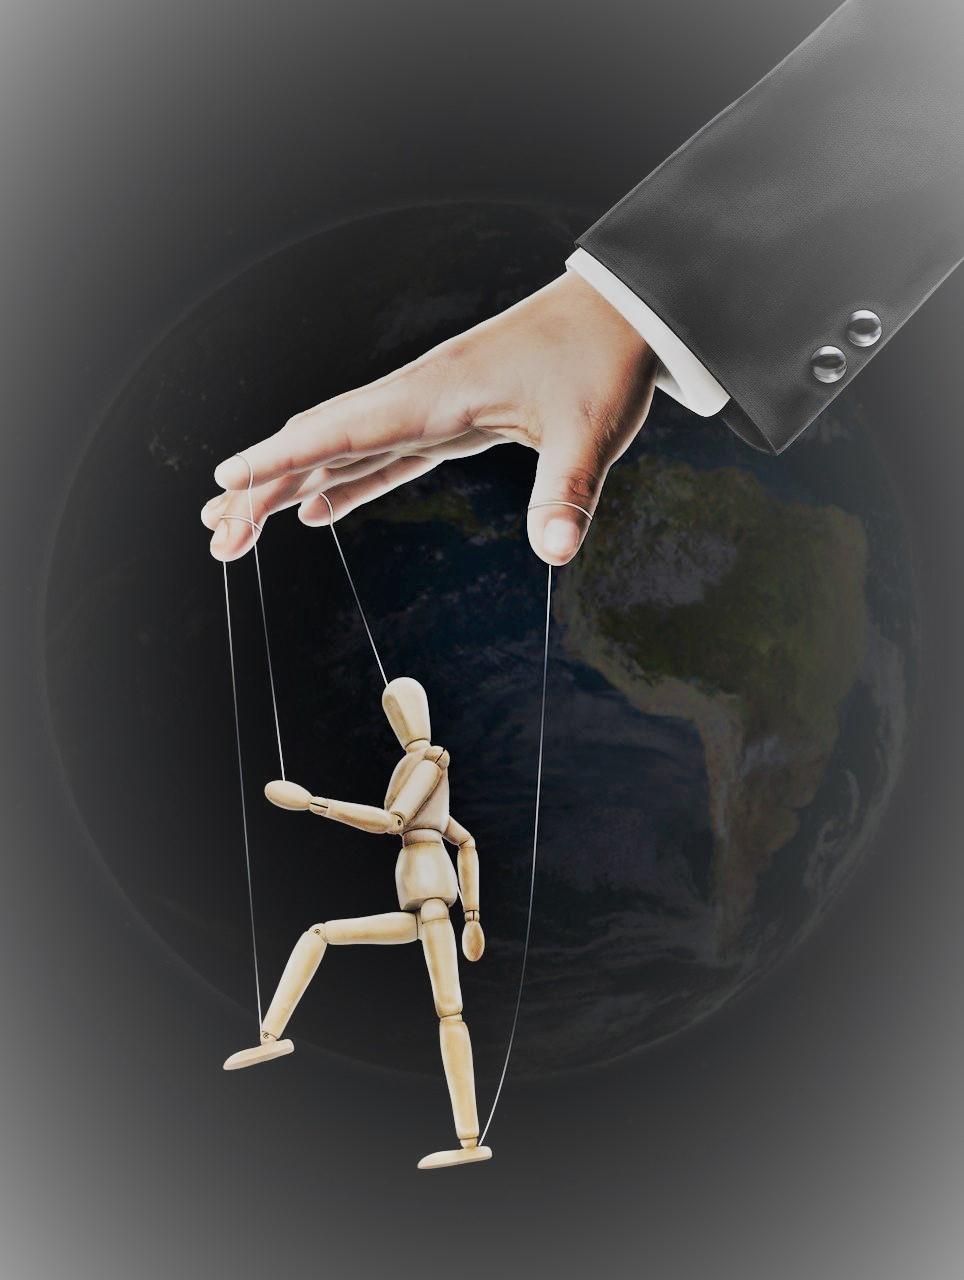 La manipulation, qui est concerné ?